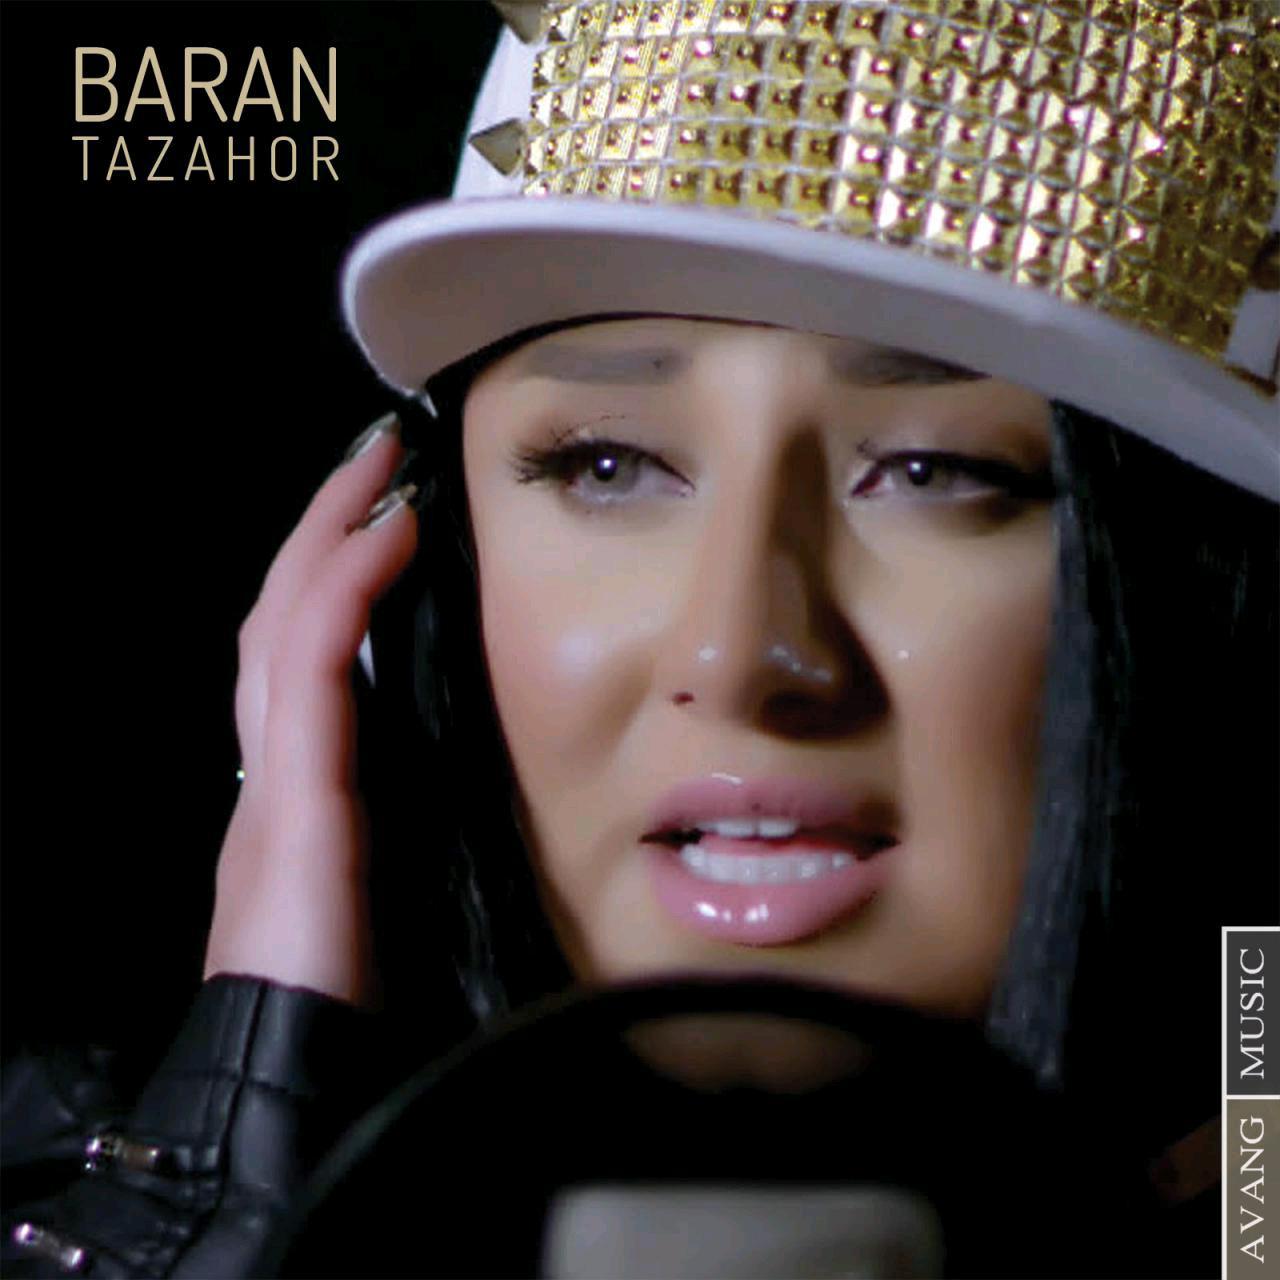 موزیک ویدیو جدید باران به نام تظاهر